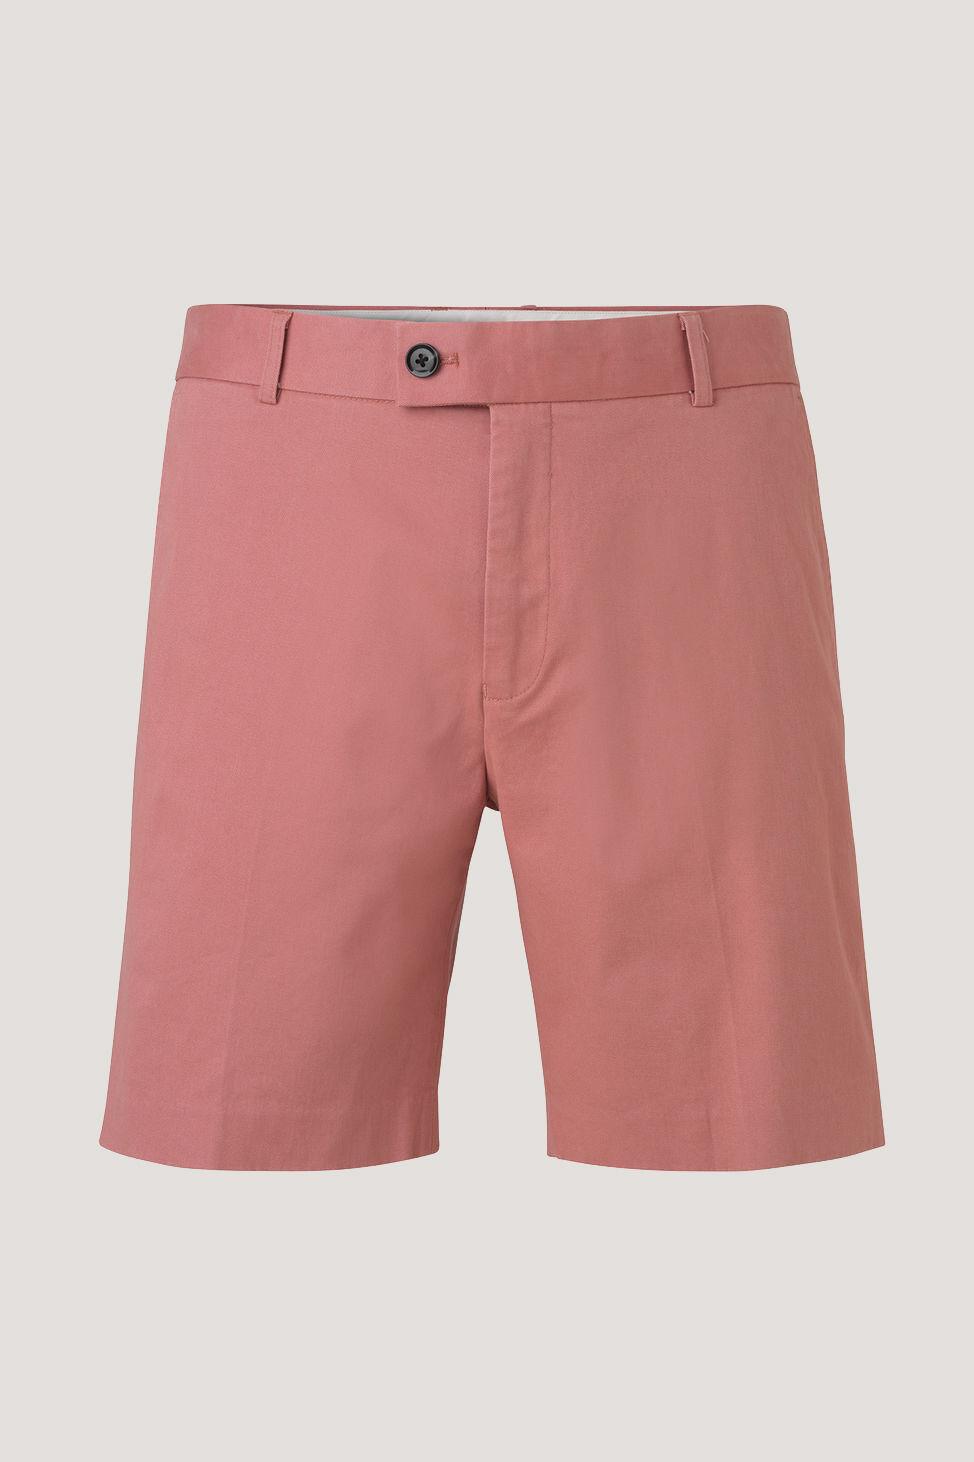 Laurent shorts 7636, DUSTY ROSE